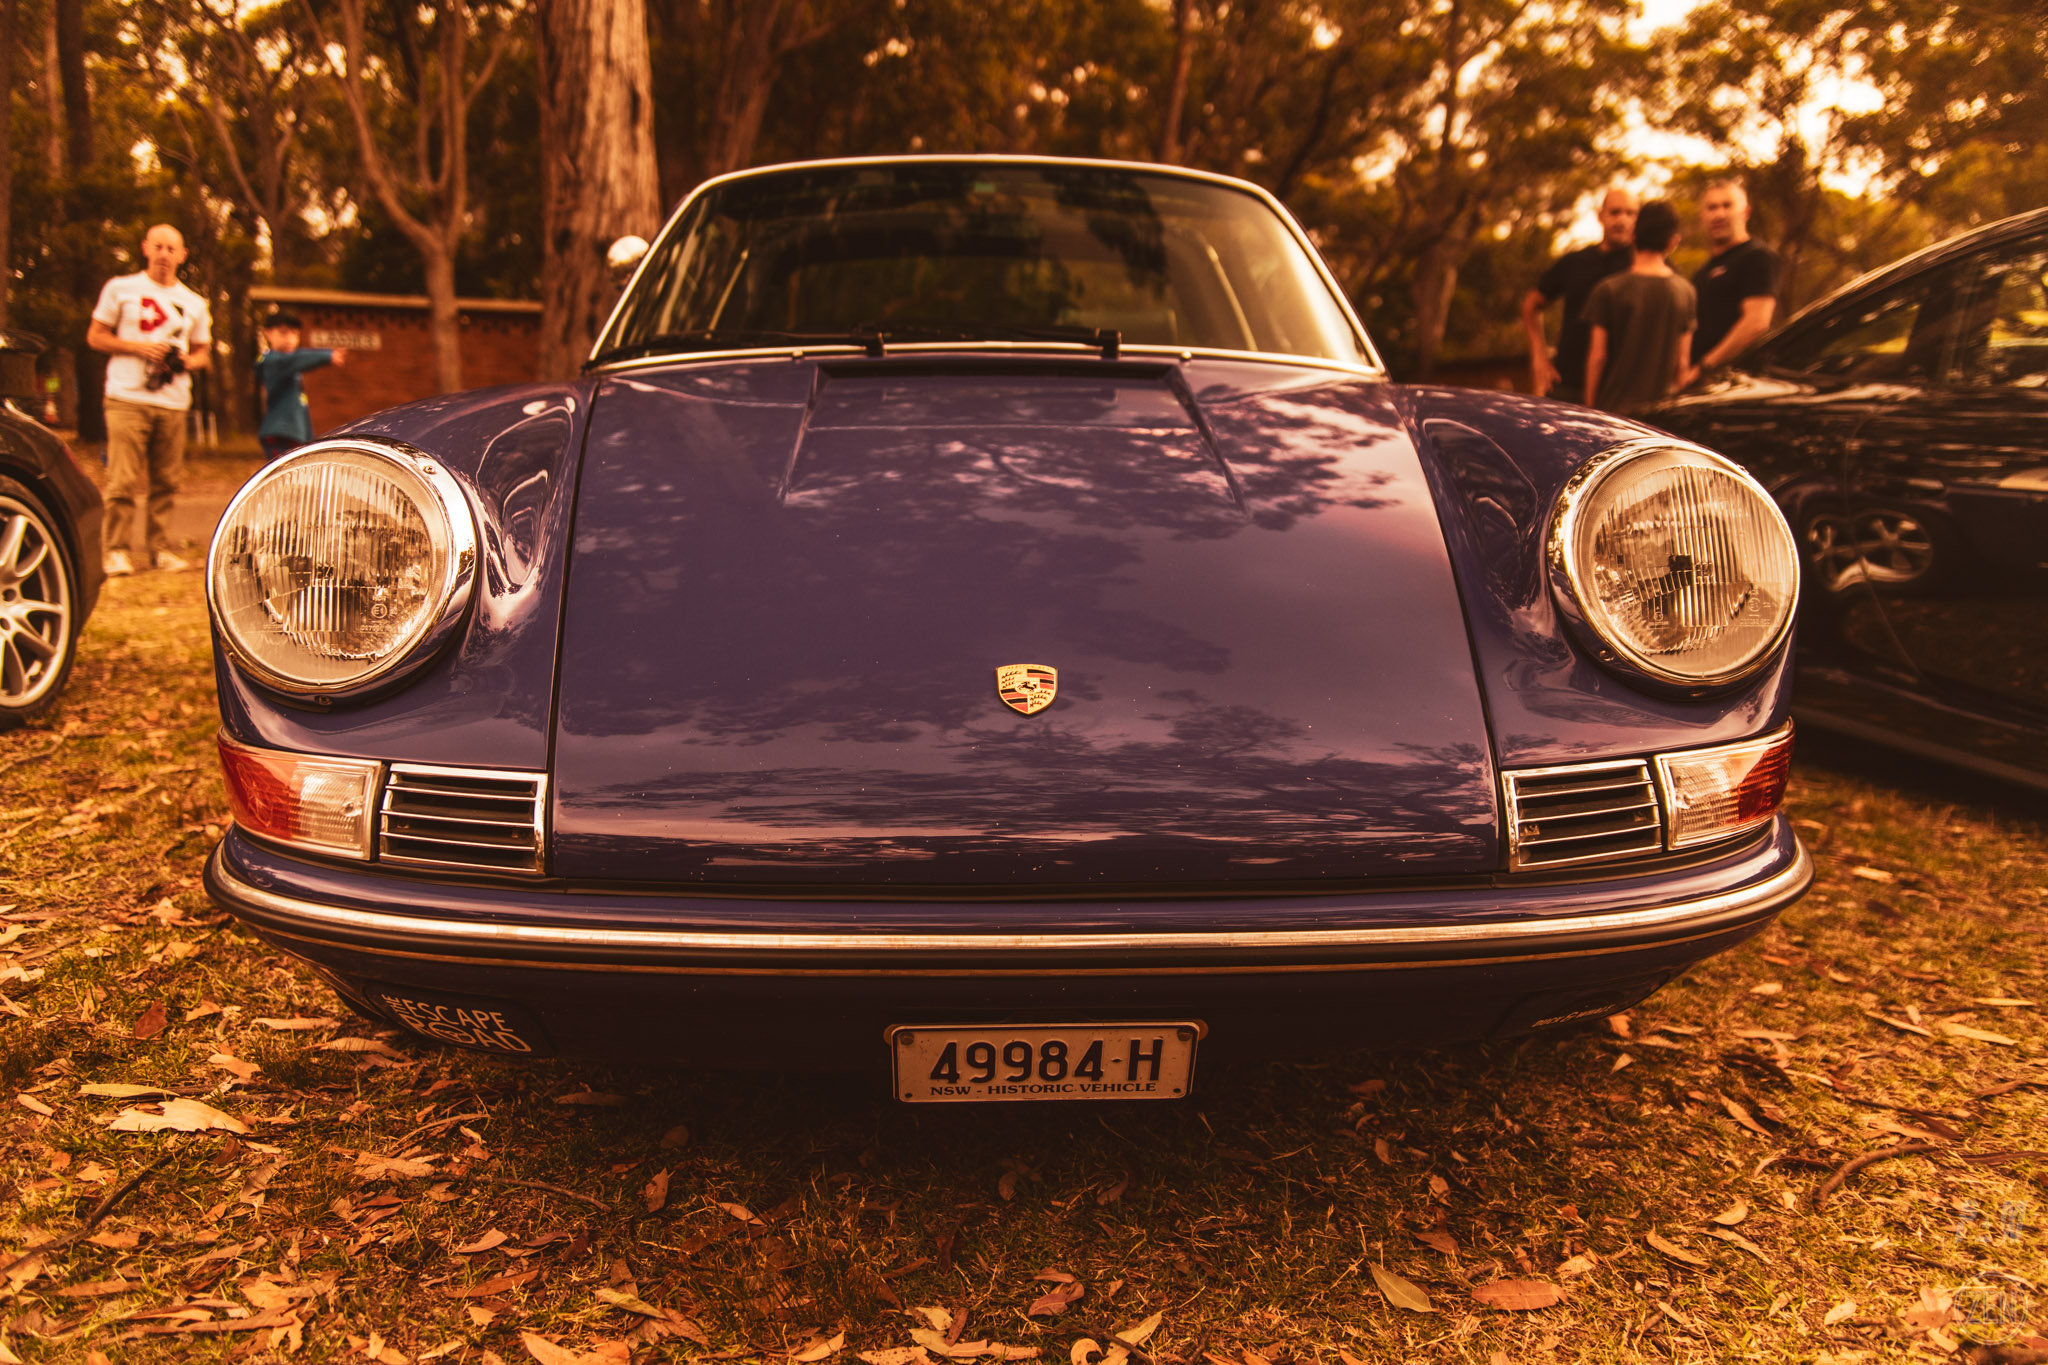 2019-12-08 - Porsches & Coffee 028